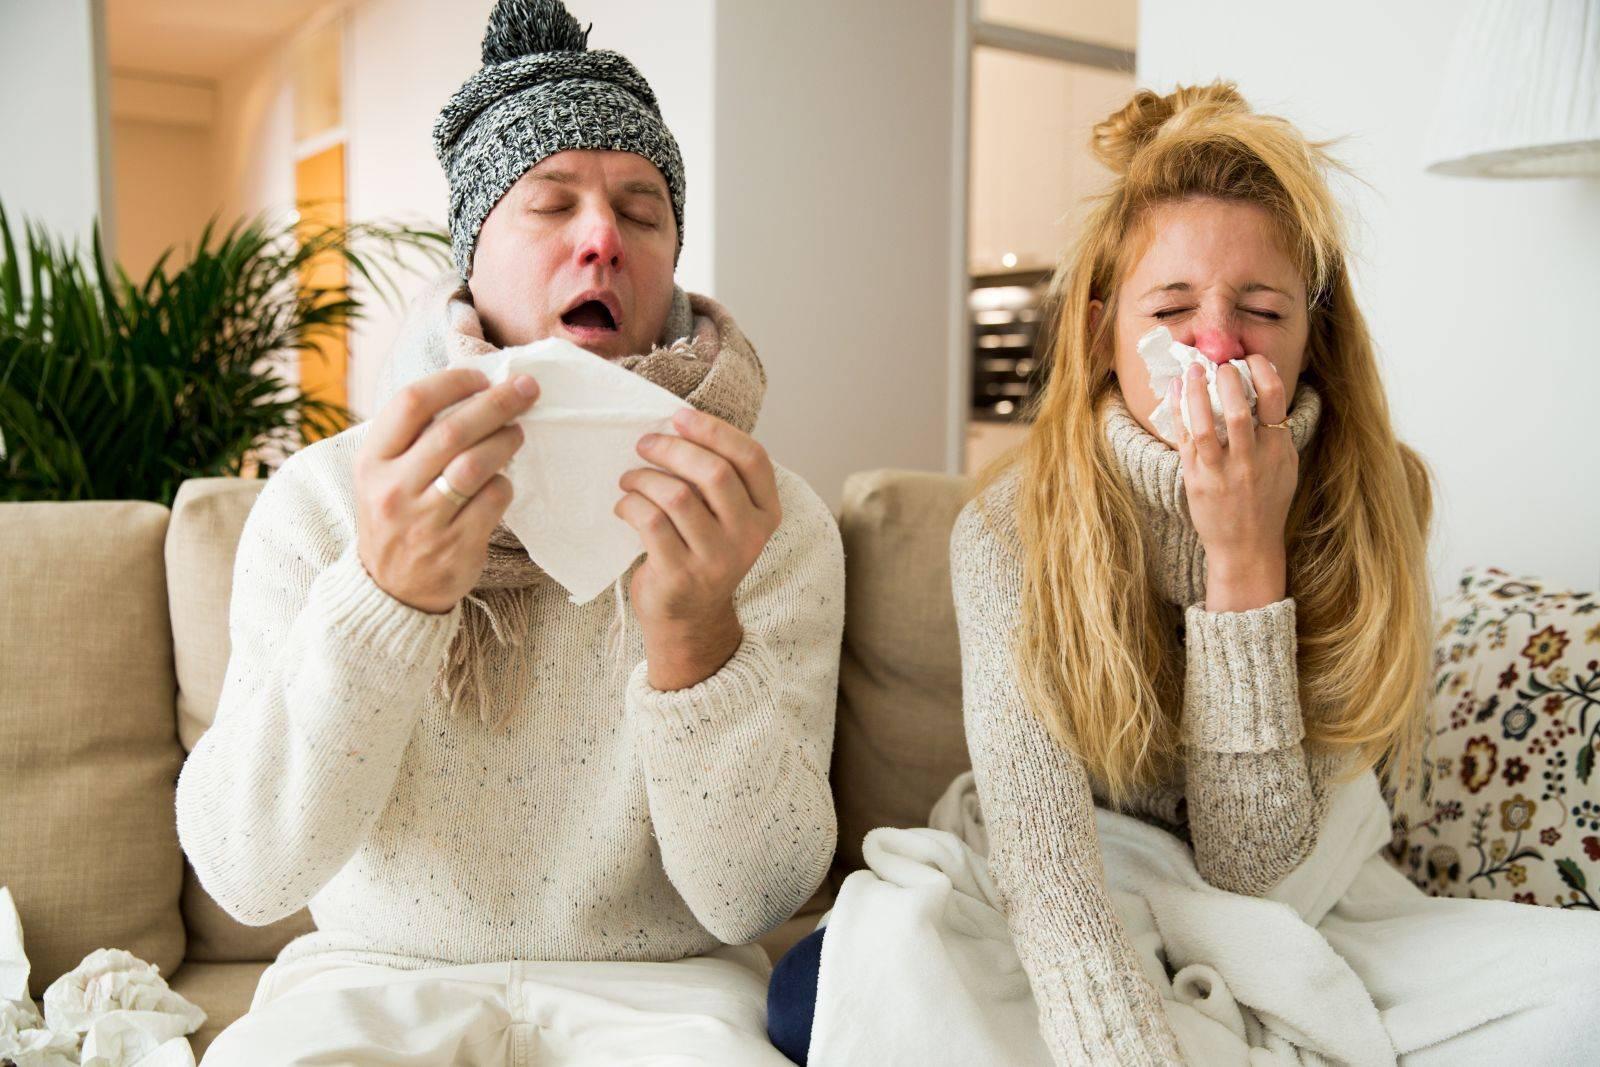 Чихание и насморк без температуры: лечение в домашних условиях